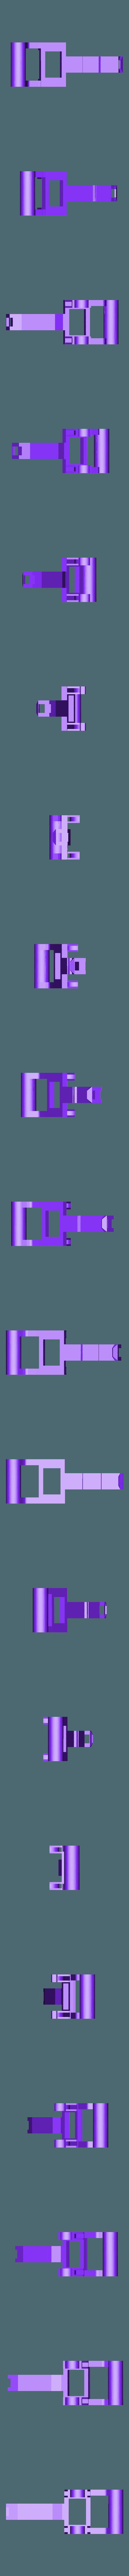 Phone_lamp_holder.stl Download free STL file Phone and Lamp Holder • Design to 3D print, atadek2